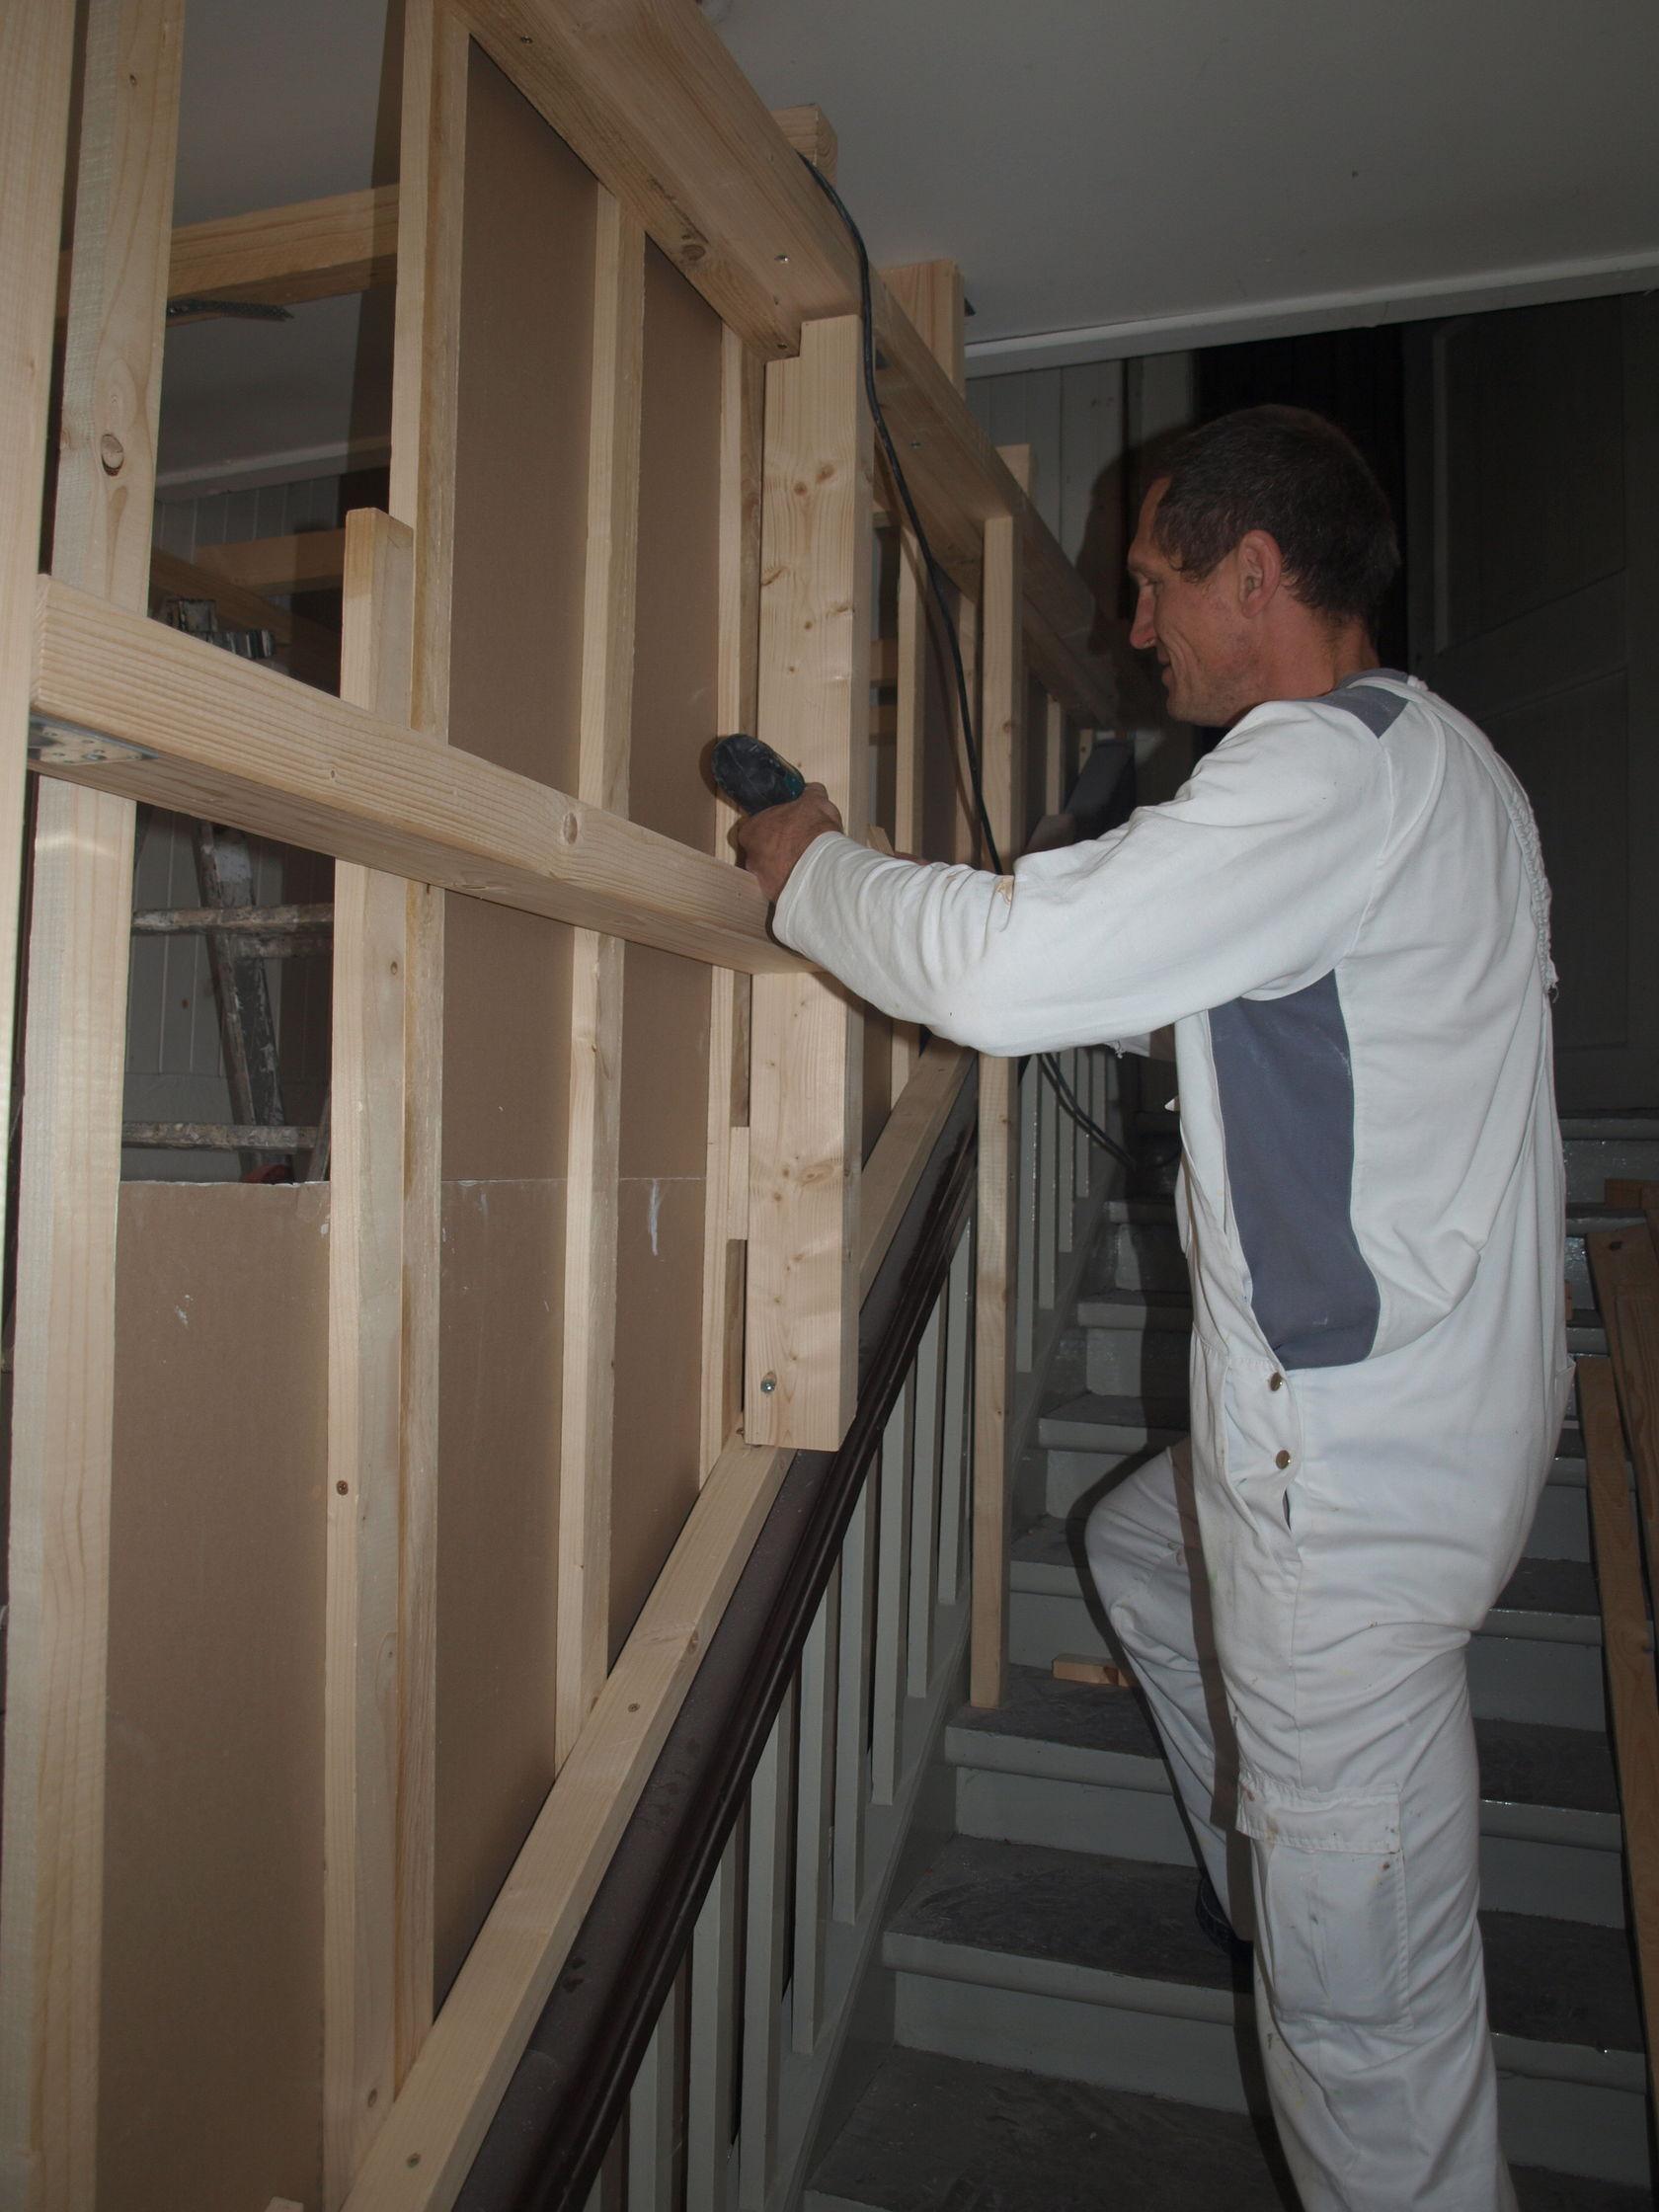 lahr jetzt ist das treppenhaus dran nachrichten der ortenau offenburger tageblatt. Black Bedroom Furniture Sets. Home Design Ideas